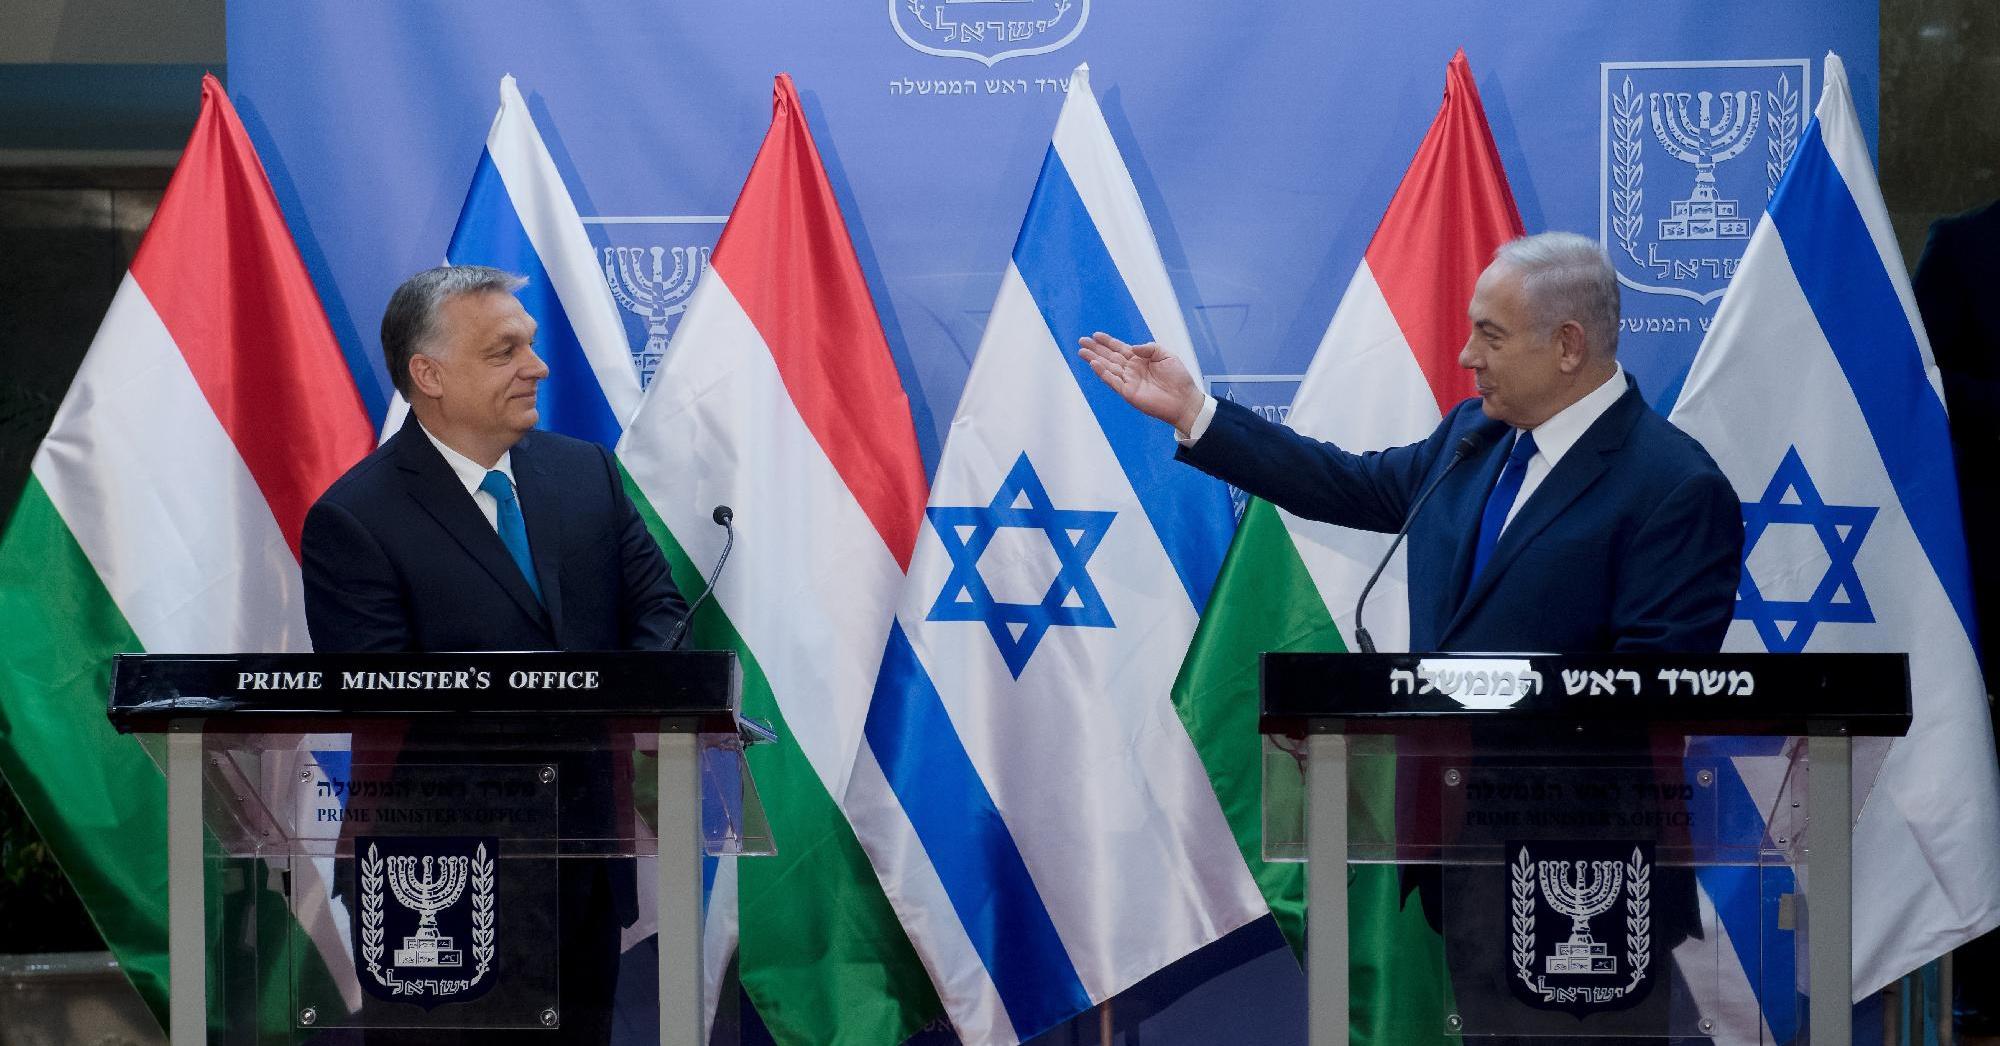 Még nem hiszik el az izraeli kormányváltást